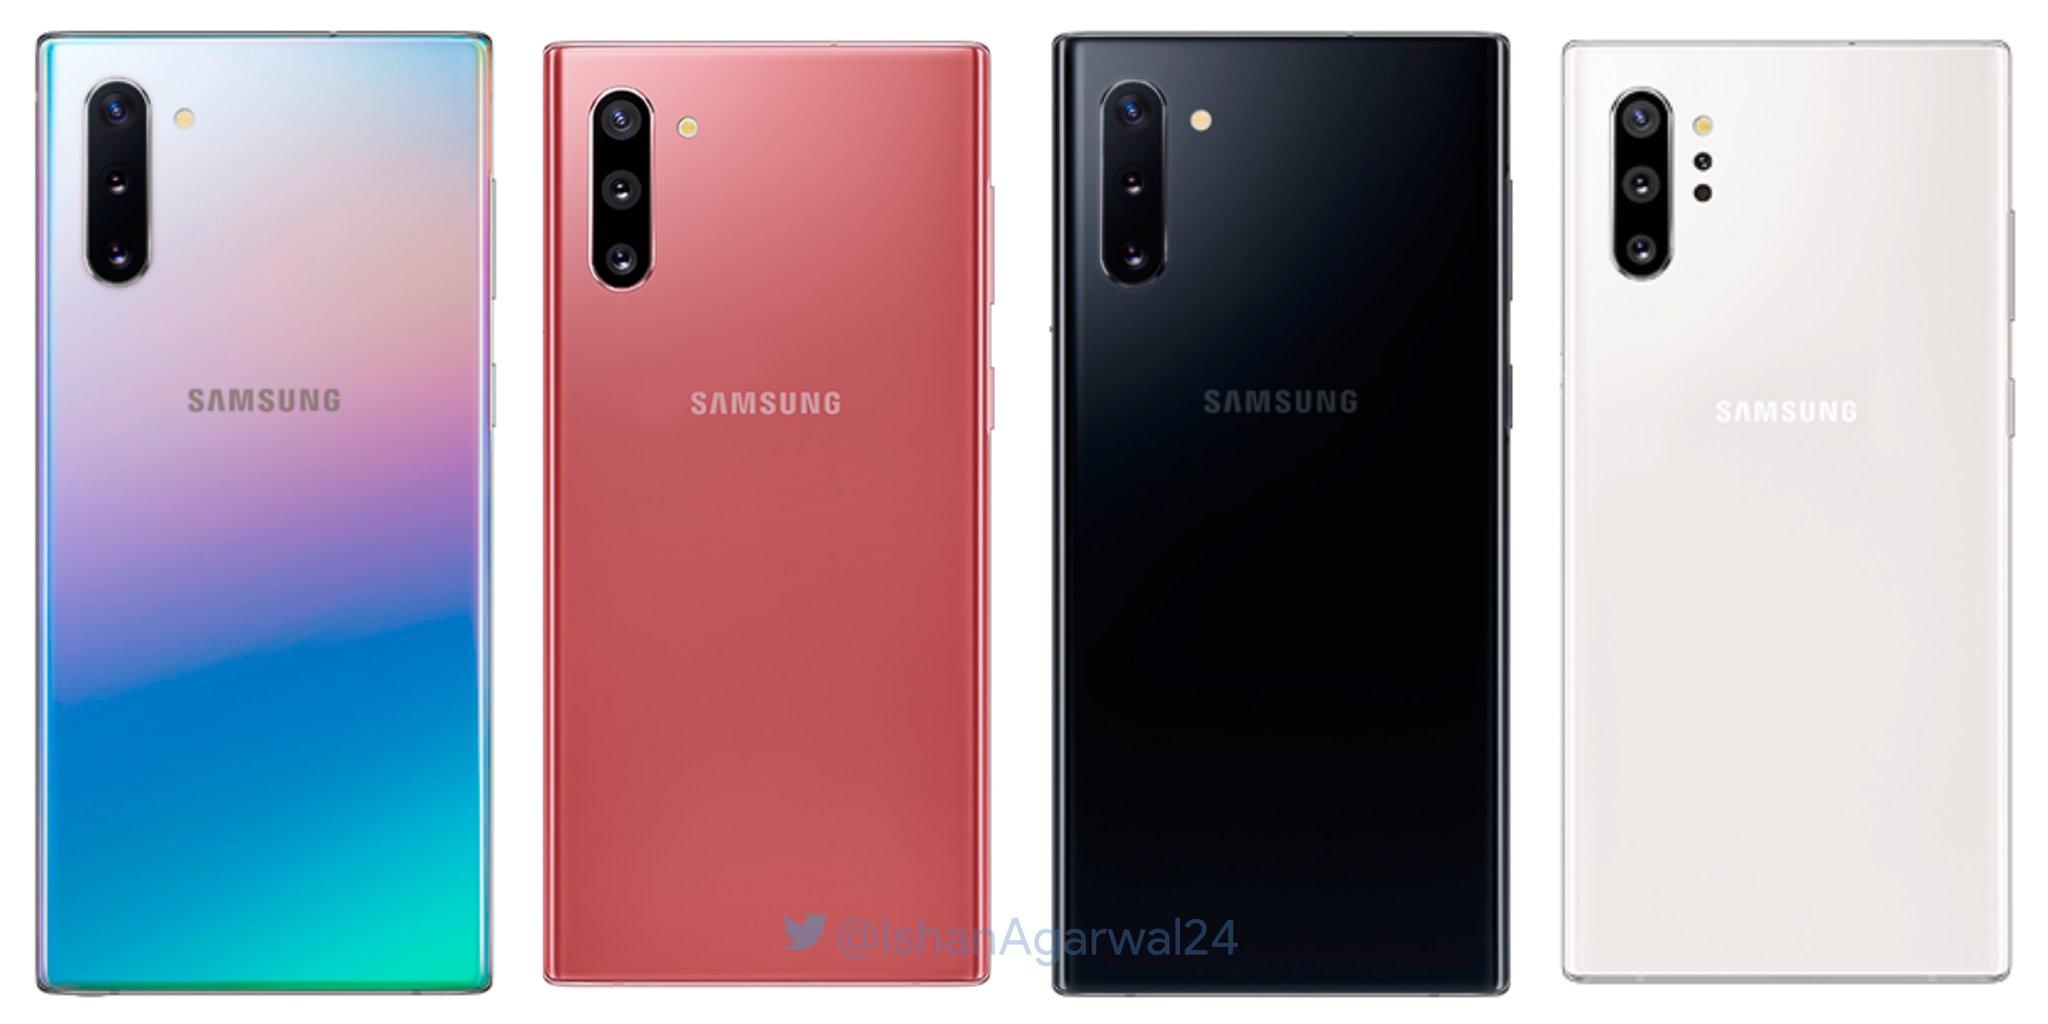 Samsung Galaxy Note 10 cena kiedy premiera specyfikacja techniczna gdzie kupić najtaniej w Polsce przedsprzedaż jakie kolory obudowy przecieki wycieki plotki Exynos 9825